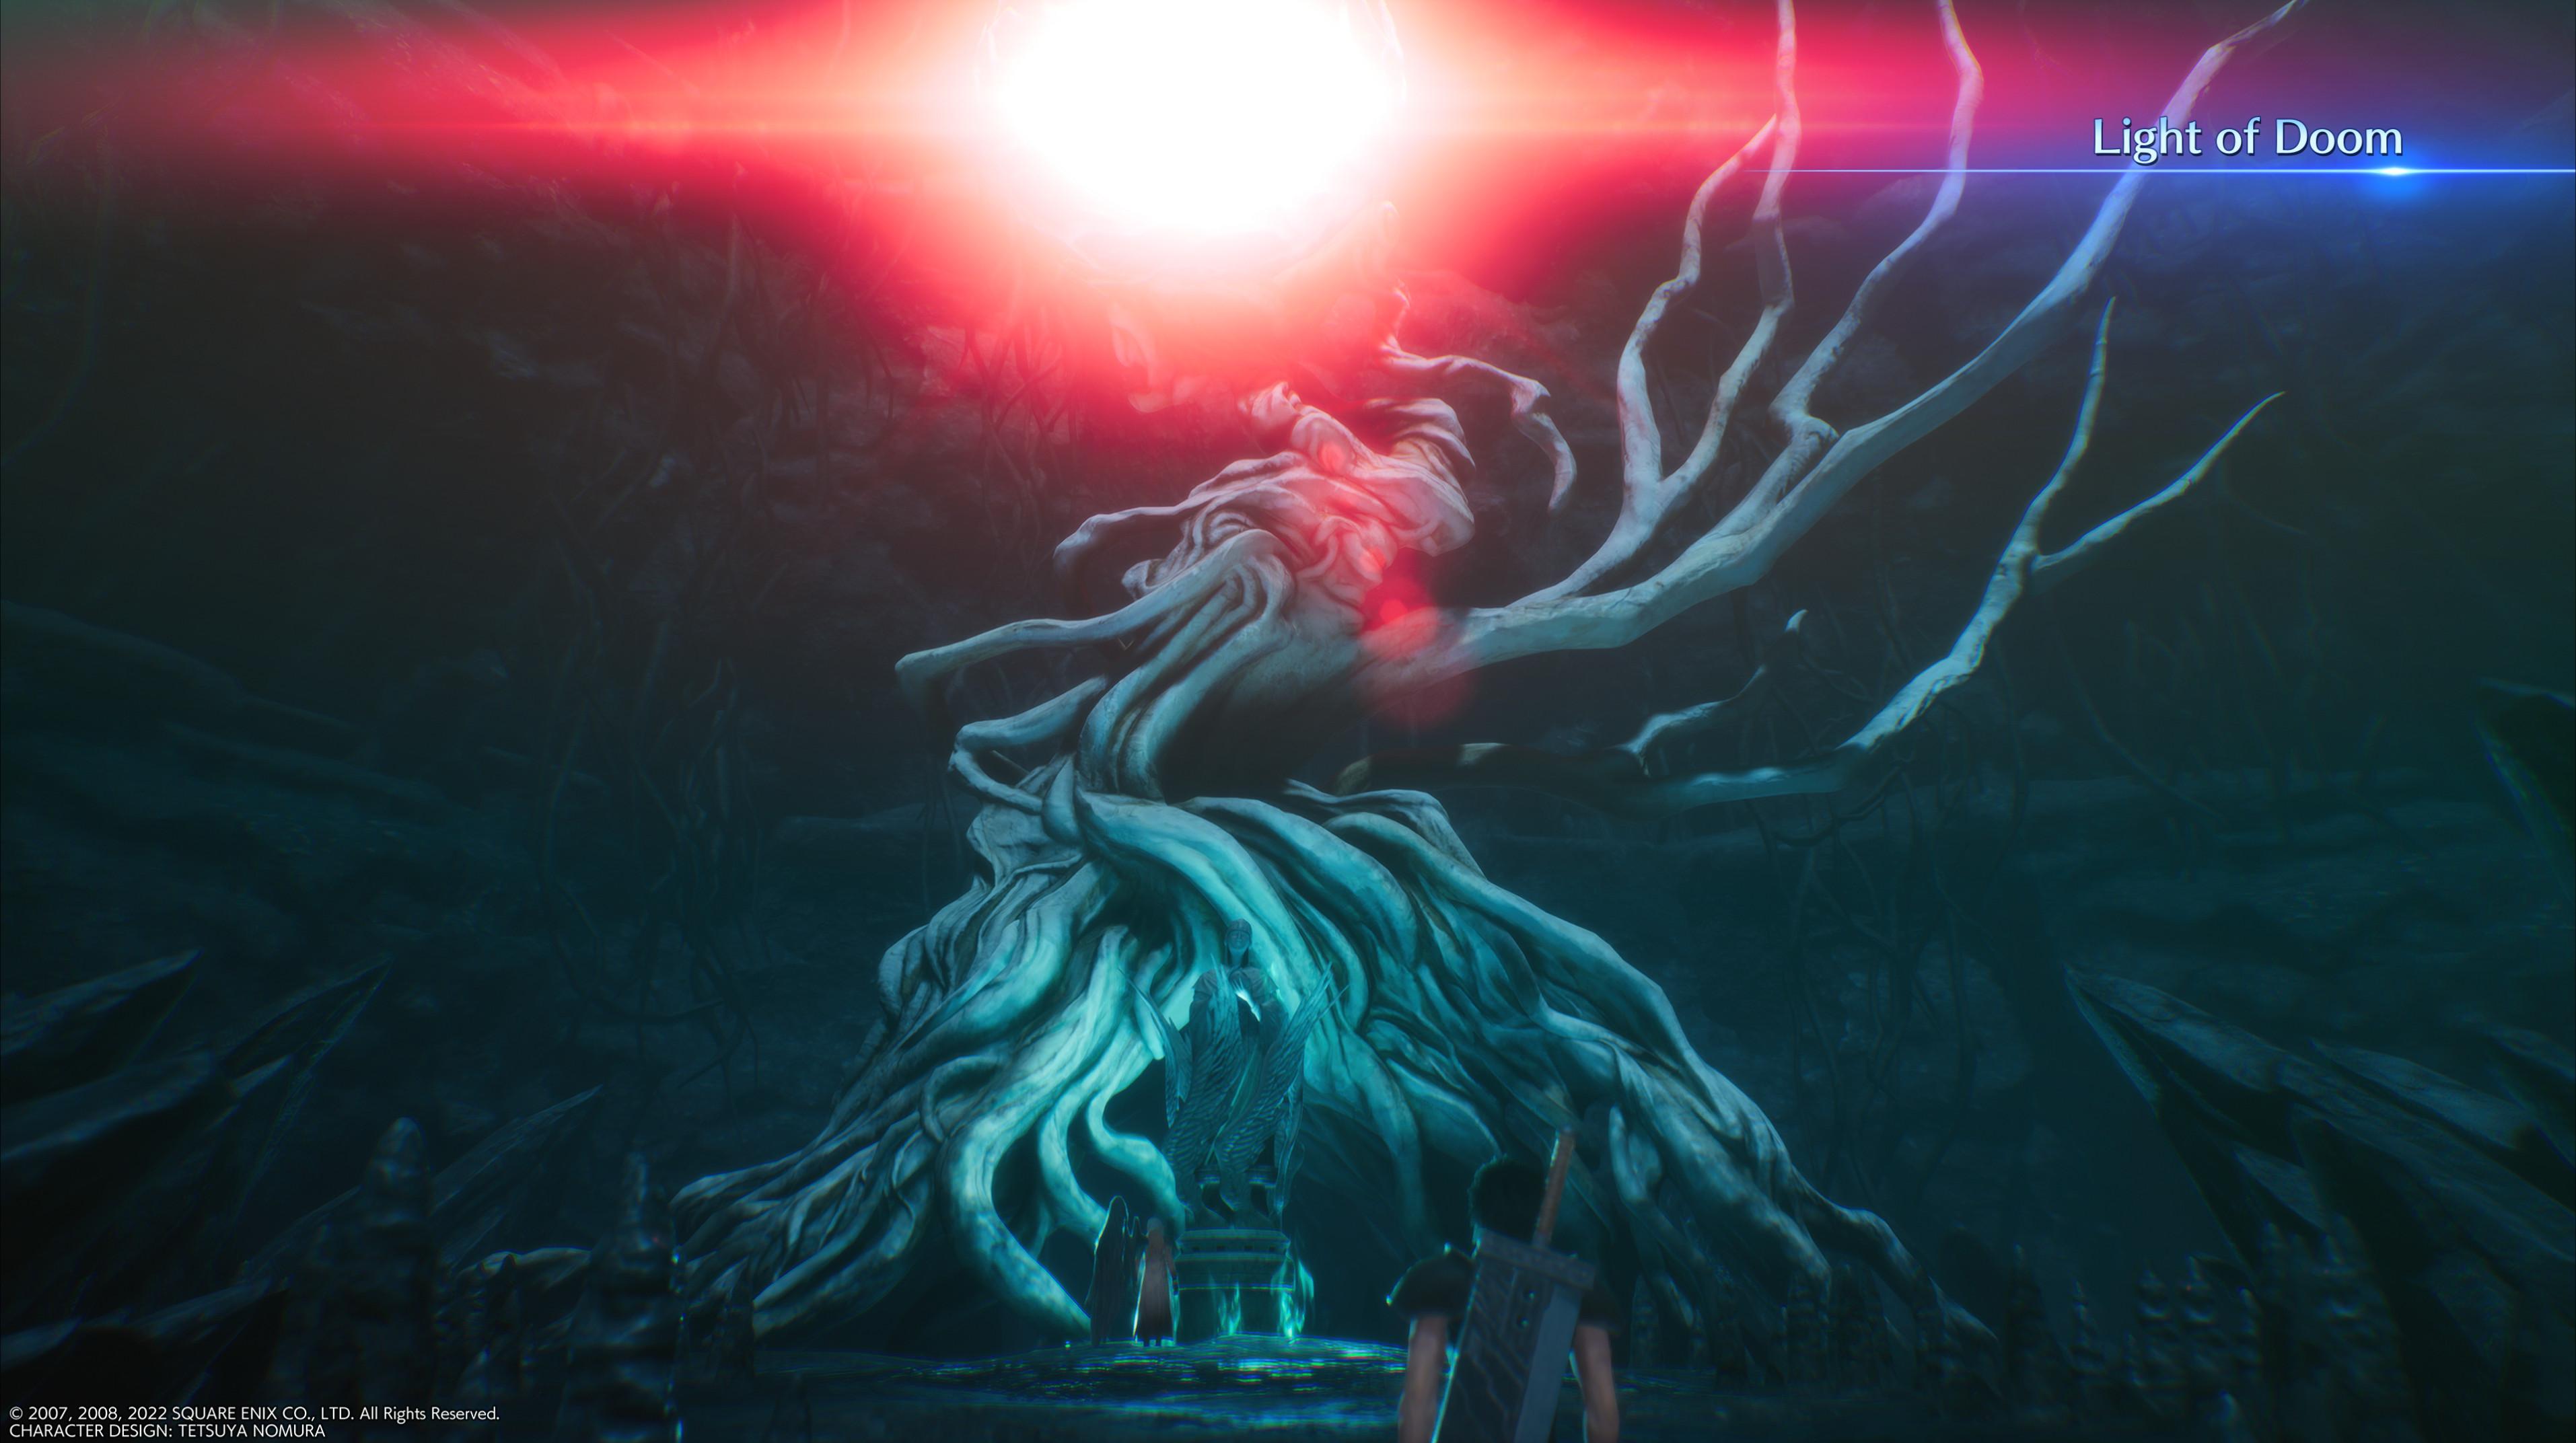 File:Light of DOOM.jpg